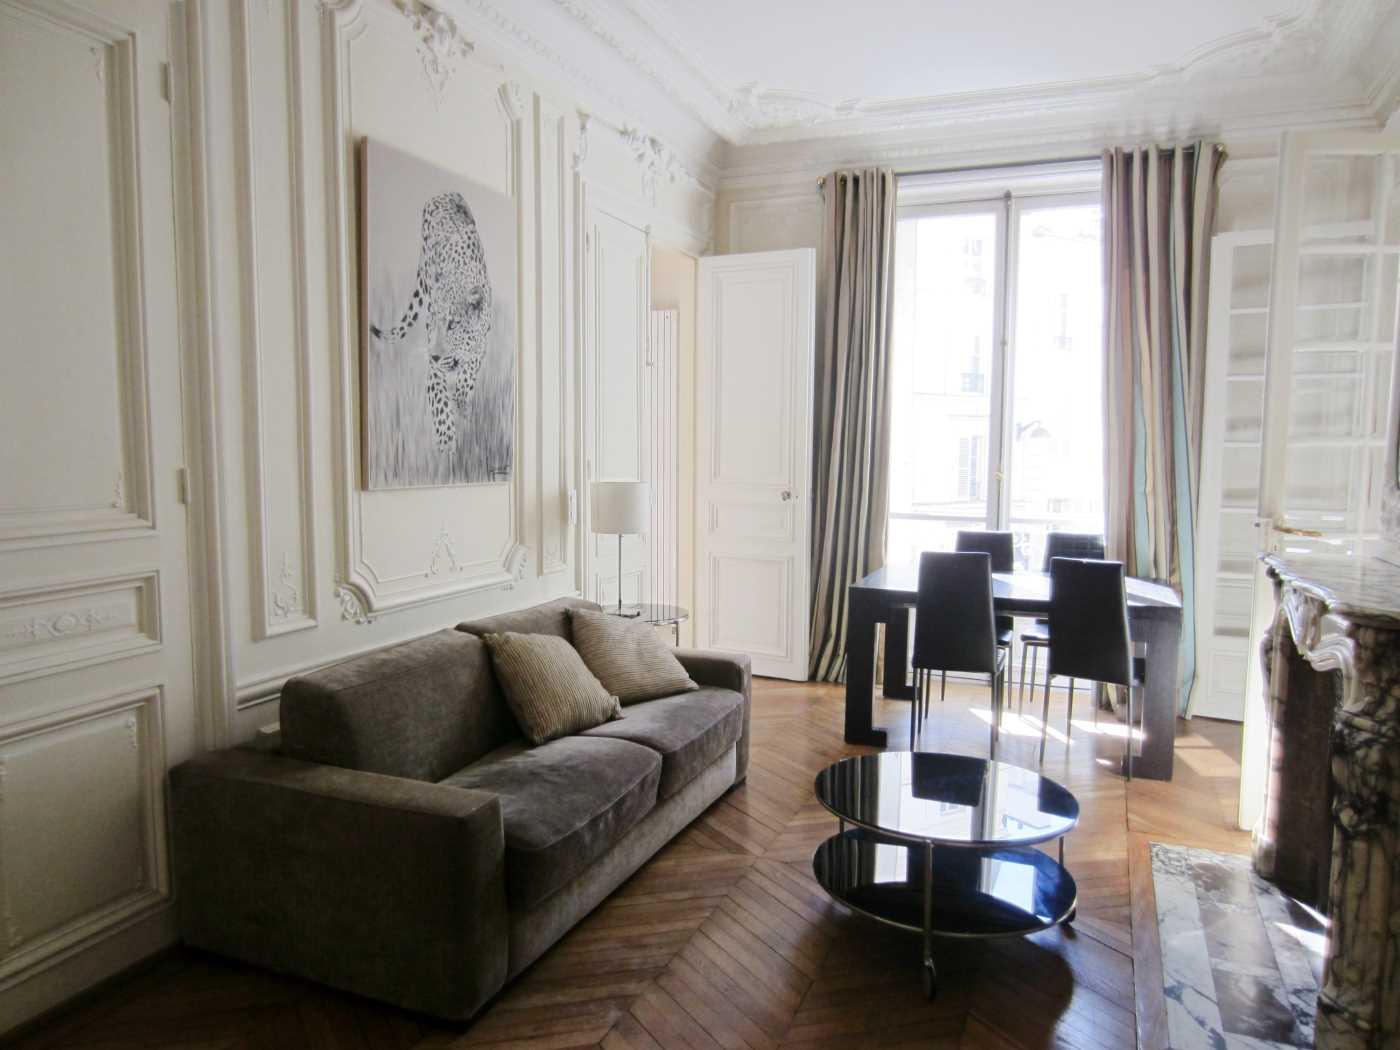 Location appartement meubl paris cattalan johnson immobilier - Recherche studio meuble paris ...